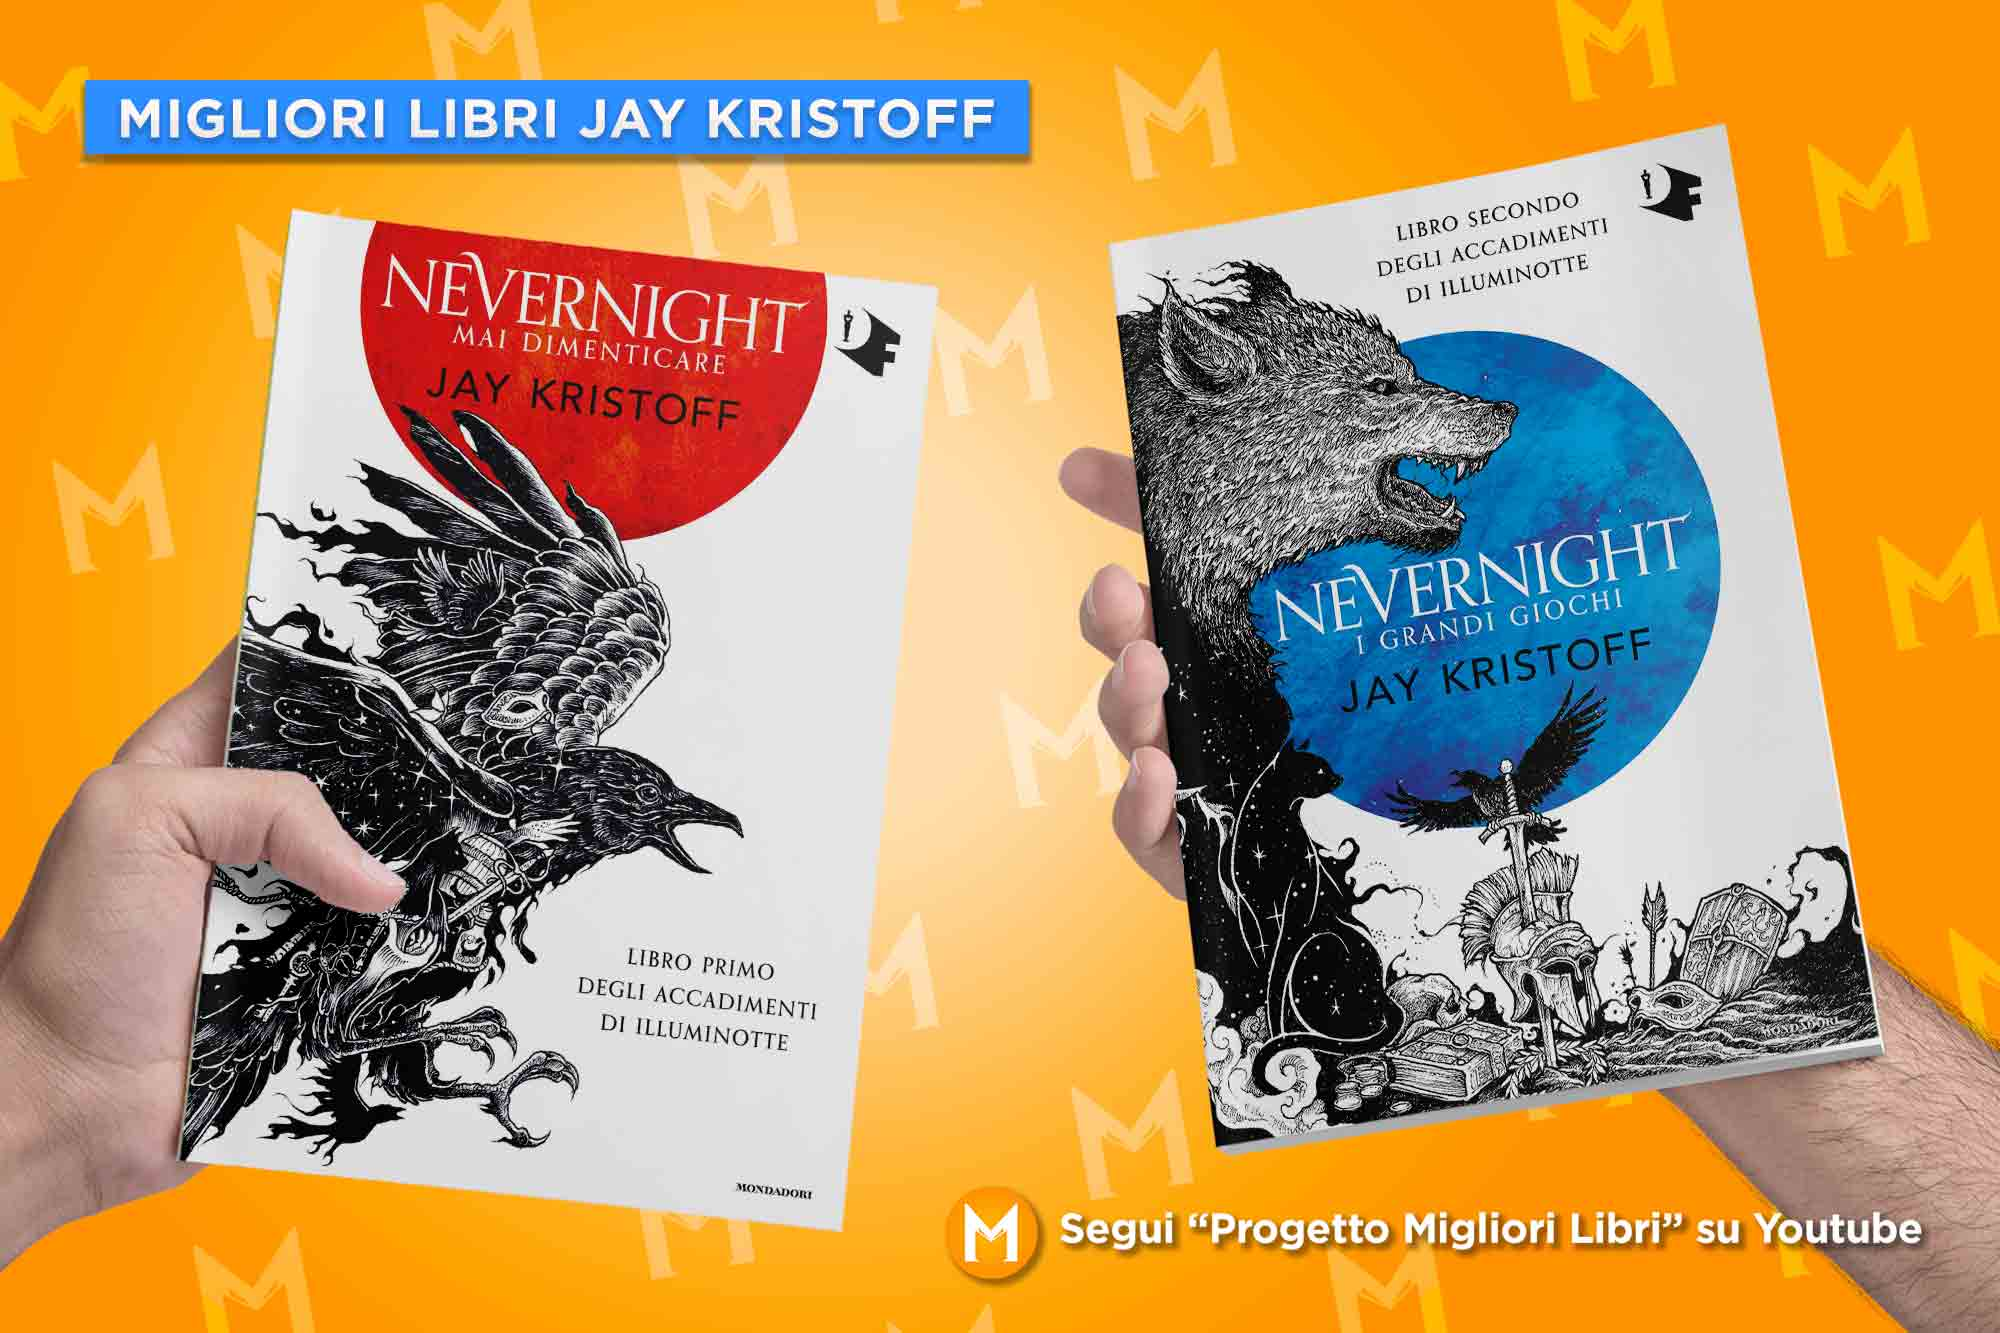 migliori-libri-jay-kristoff